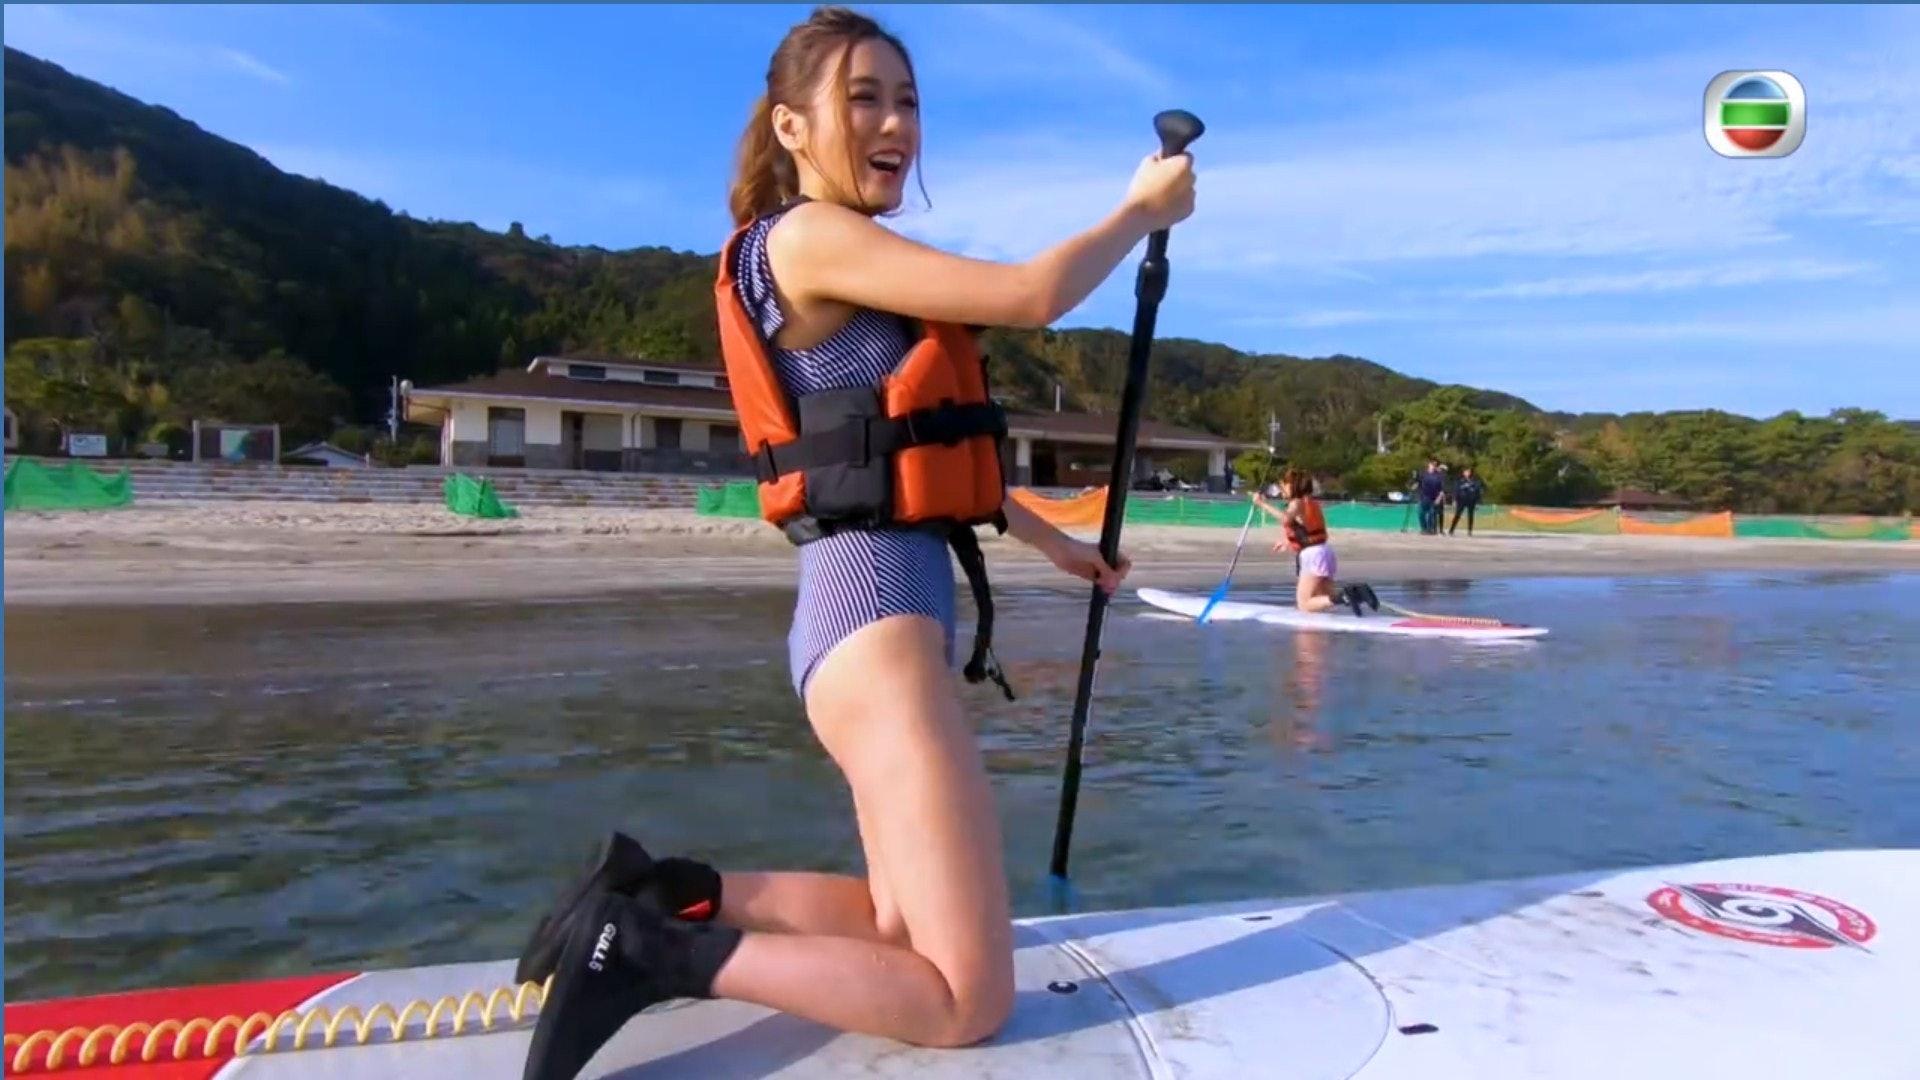 陳詩欣本身是十分怕水,所以這次也算是她人生一大考驗。(電視截圖)